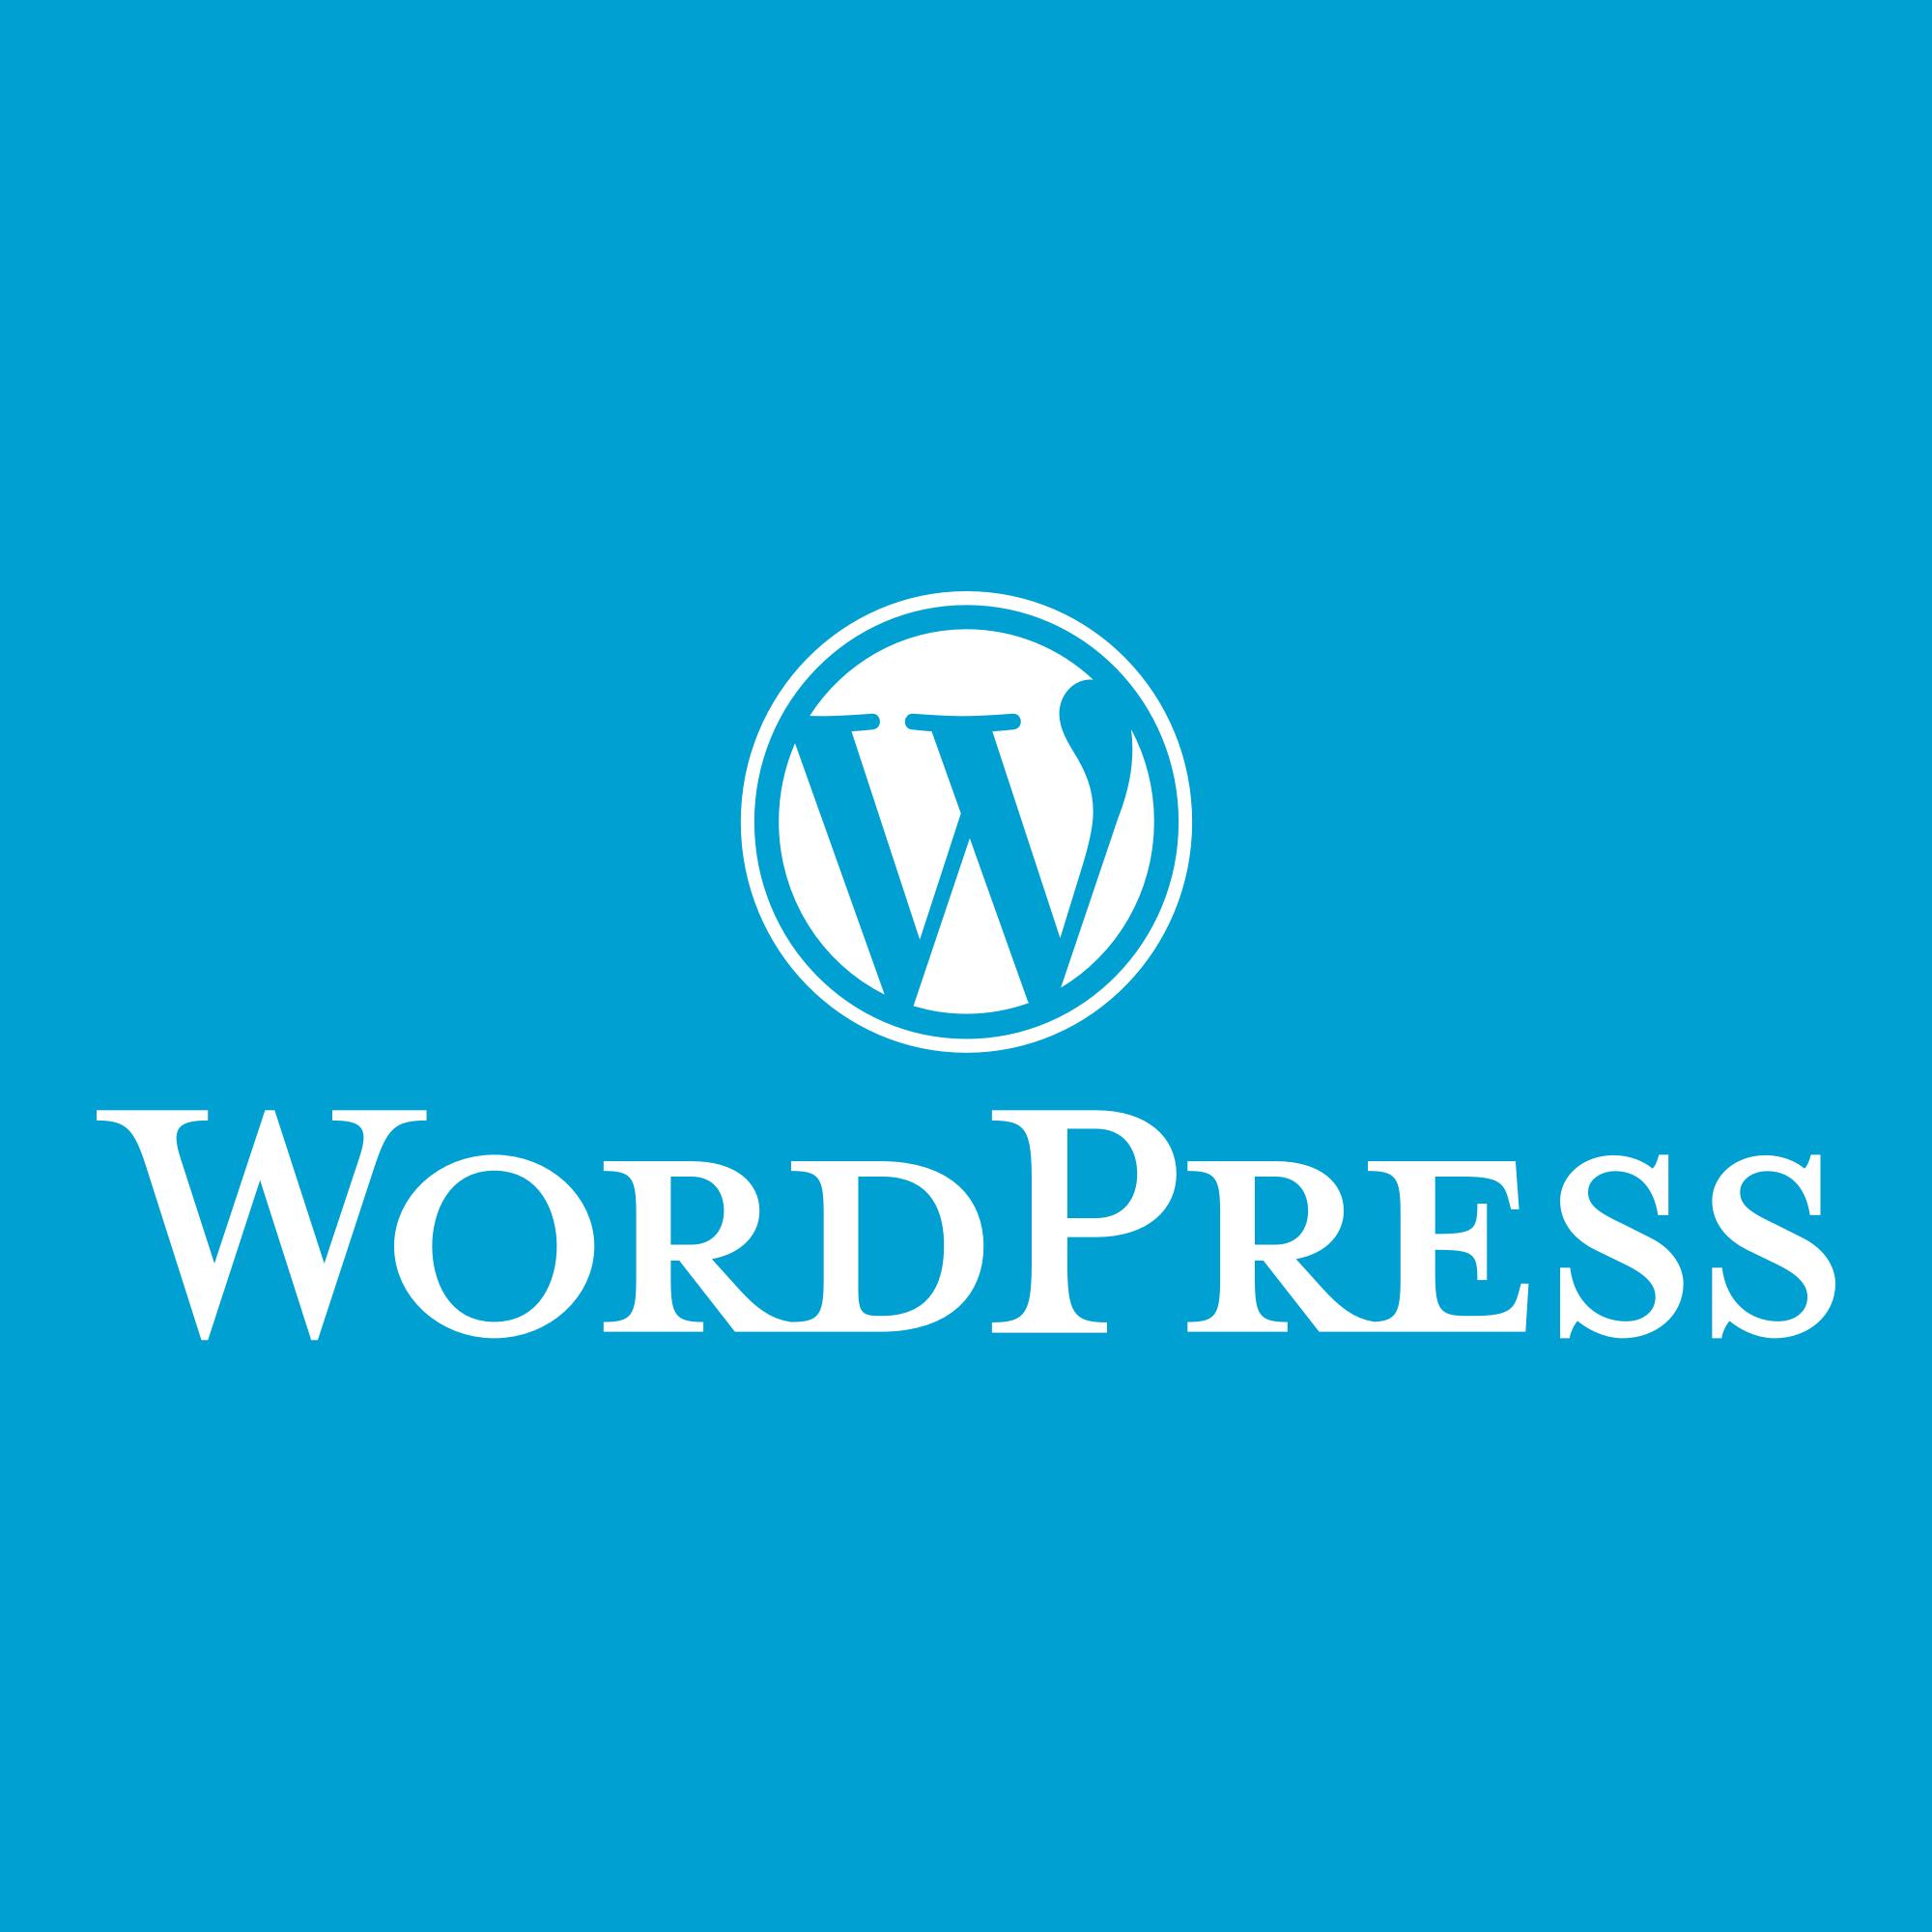 便宜建站:使用WordPress程序搭建网站